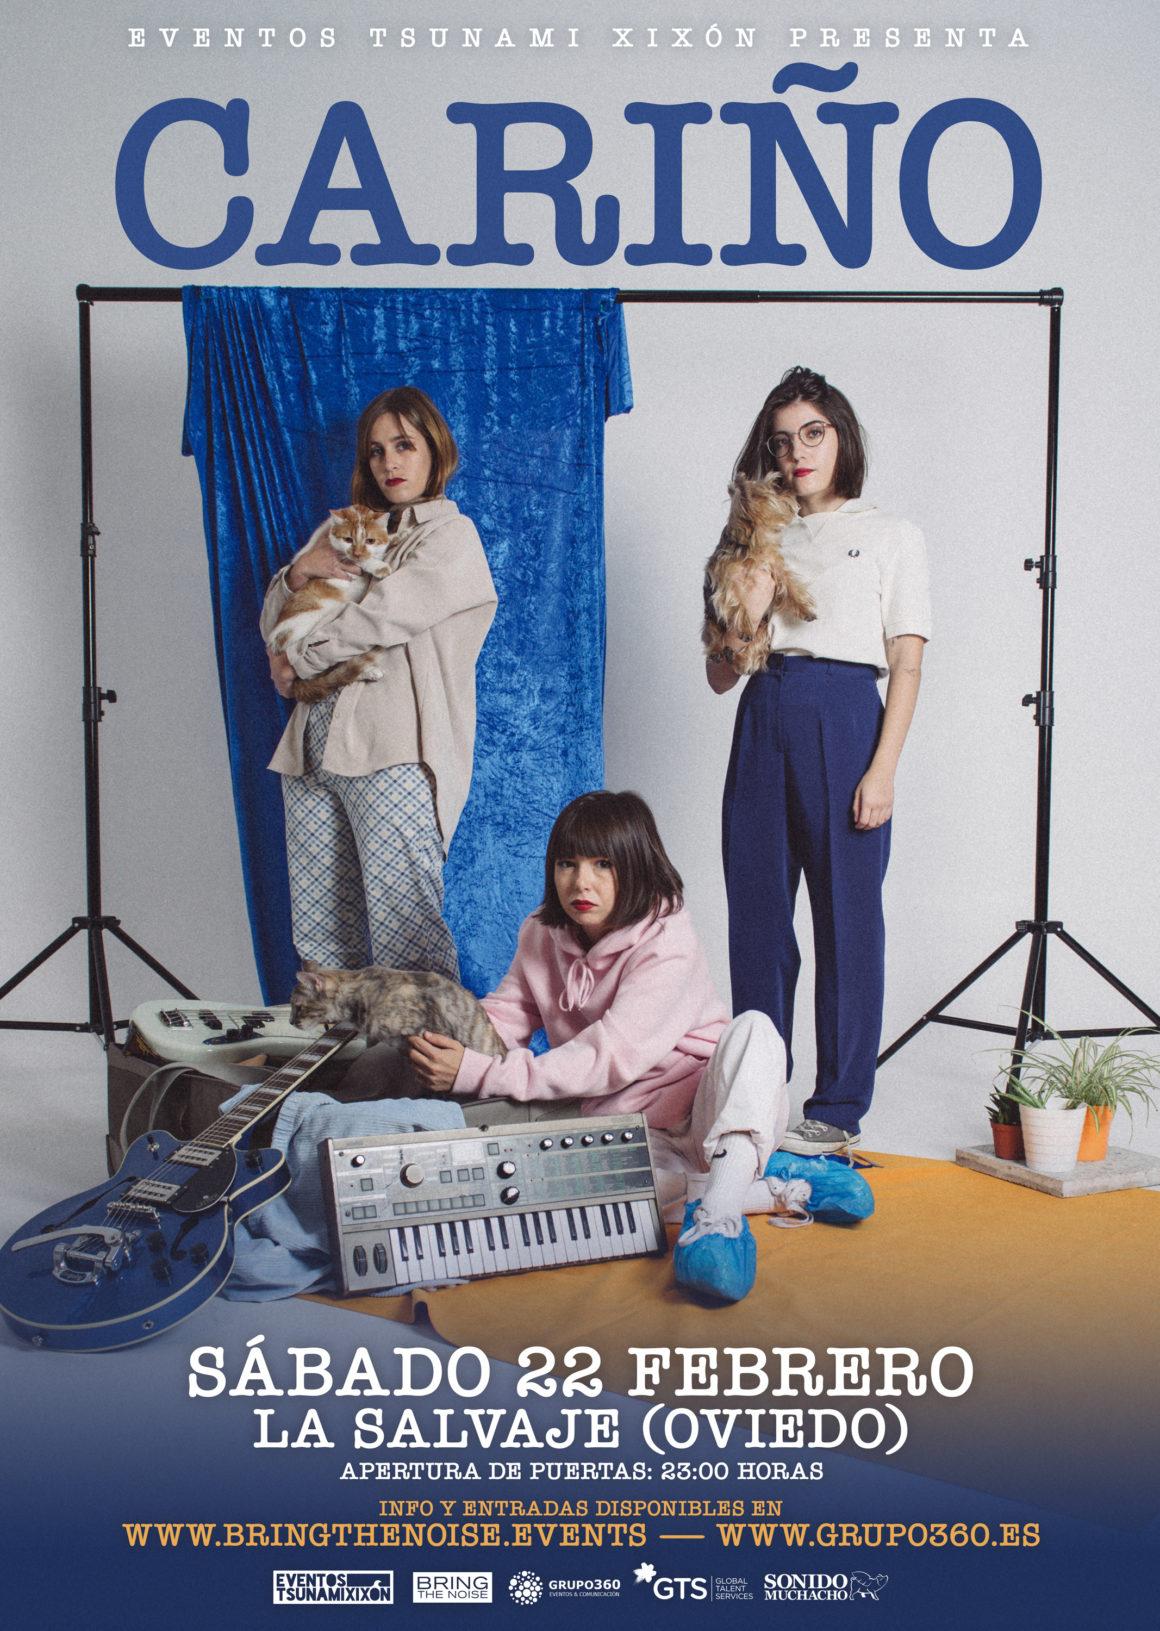 Cariño actuará en Oviedo el próximo sábado 22 de febrero, entradas ya están a la venta